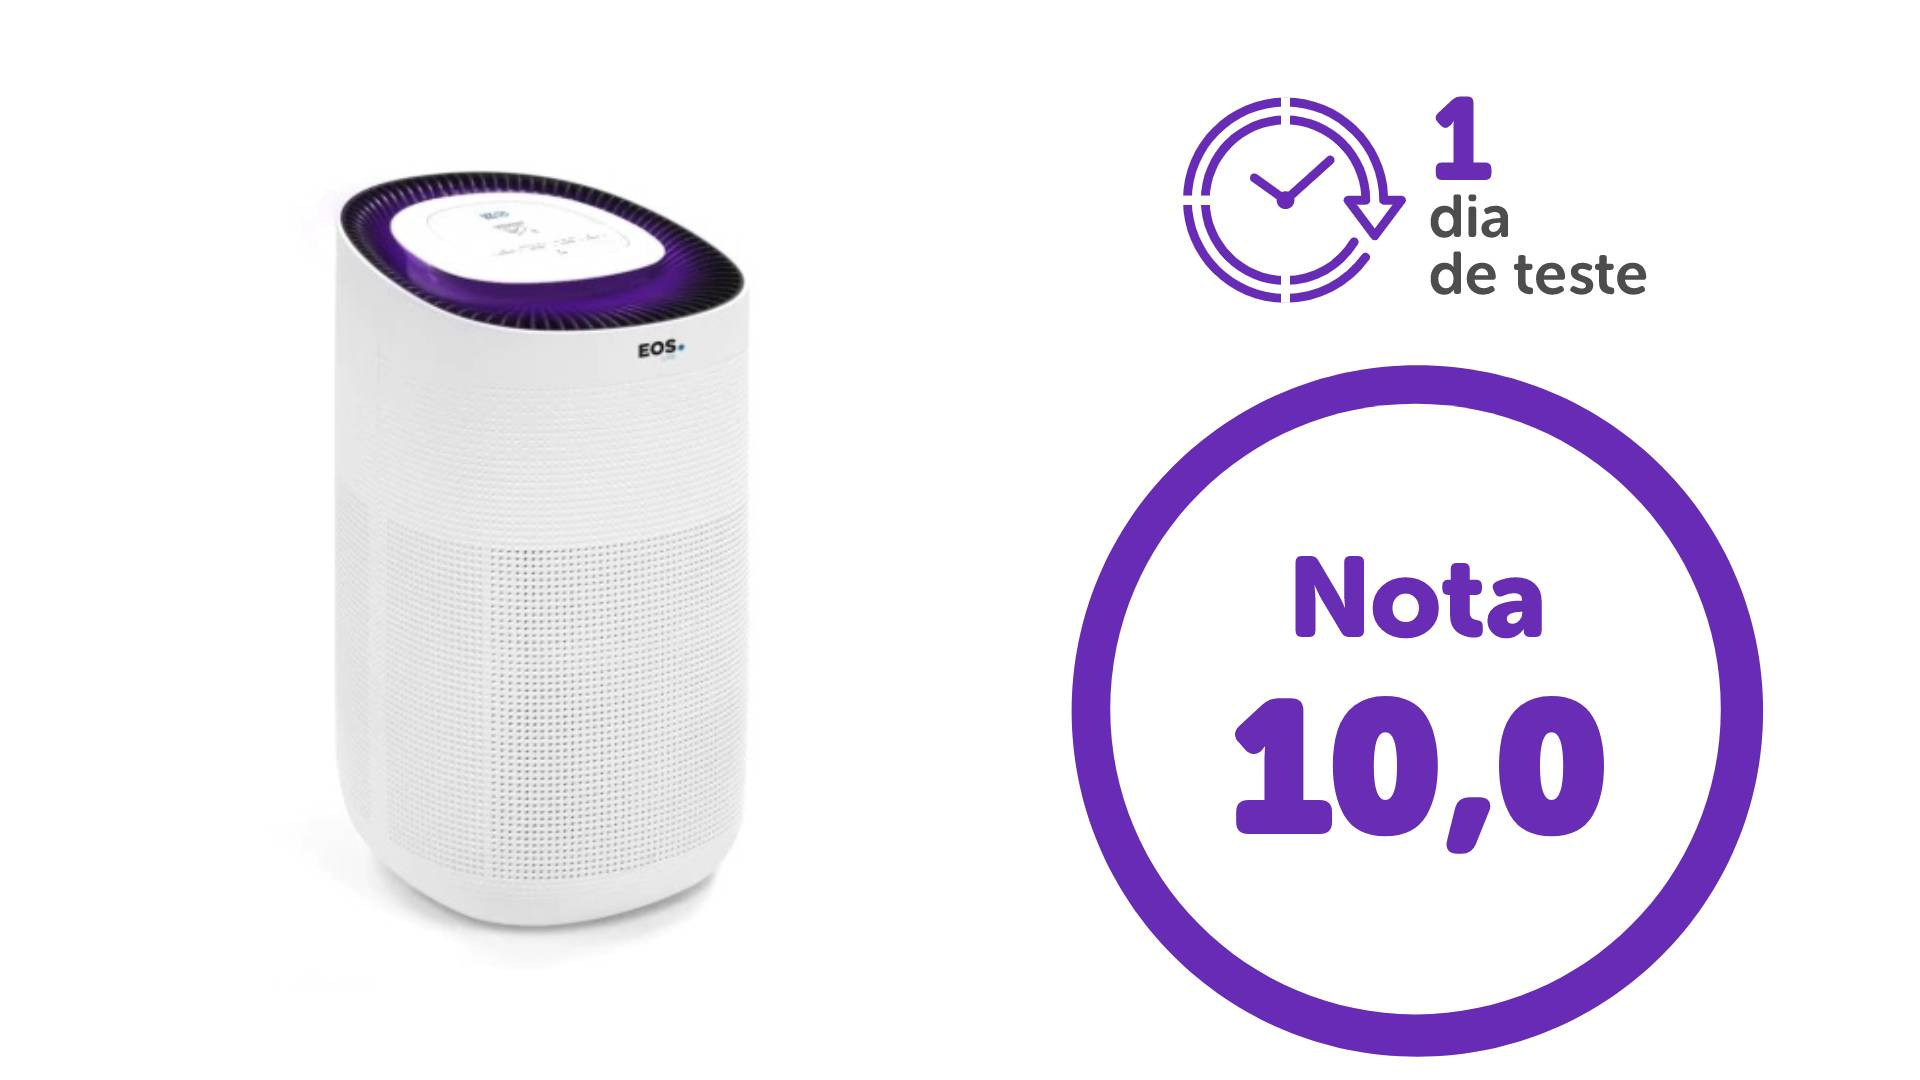 Imagem com foto do purificador, a nota 10 e a indicação de um dia de teste